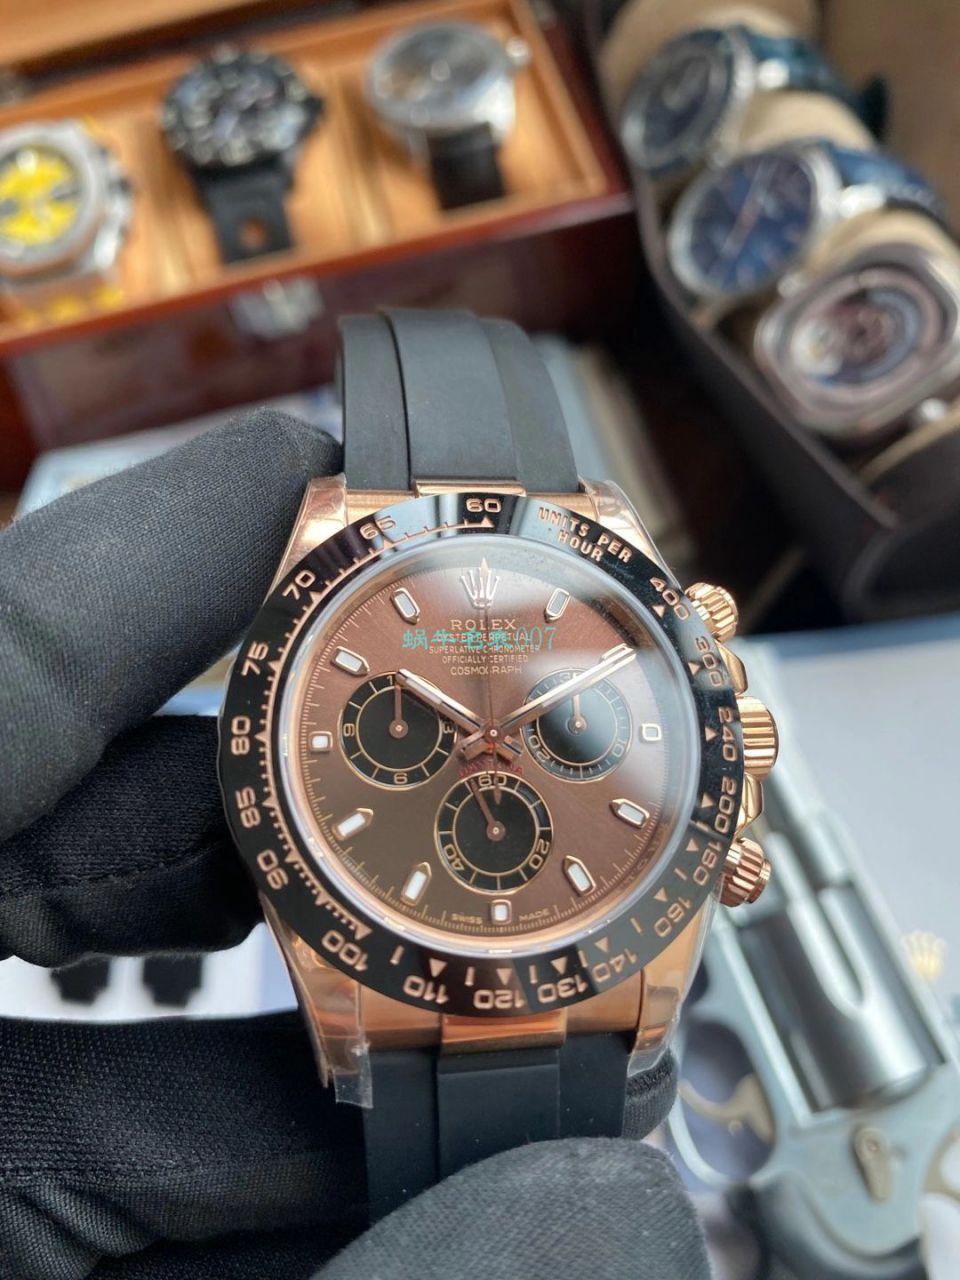 【视频评测】NOOB厂劳力士4130机芯迪通拿咖啡猫m116515ln-0041顶级复刻手表 / R663